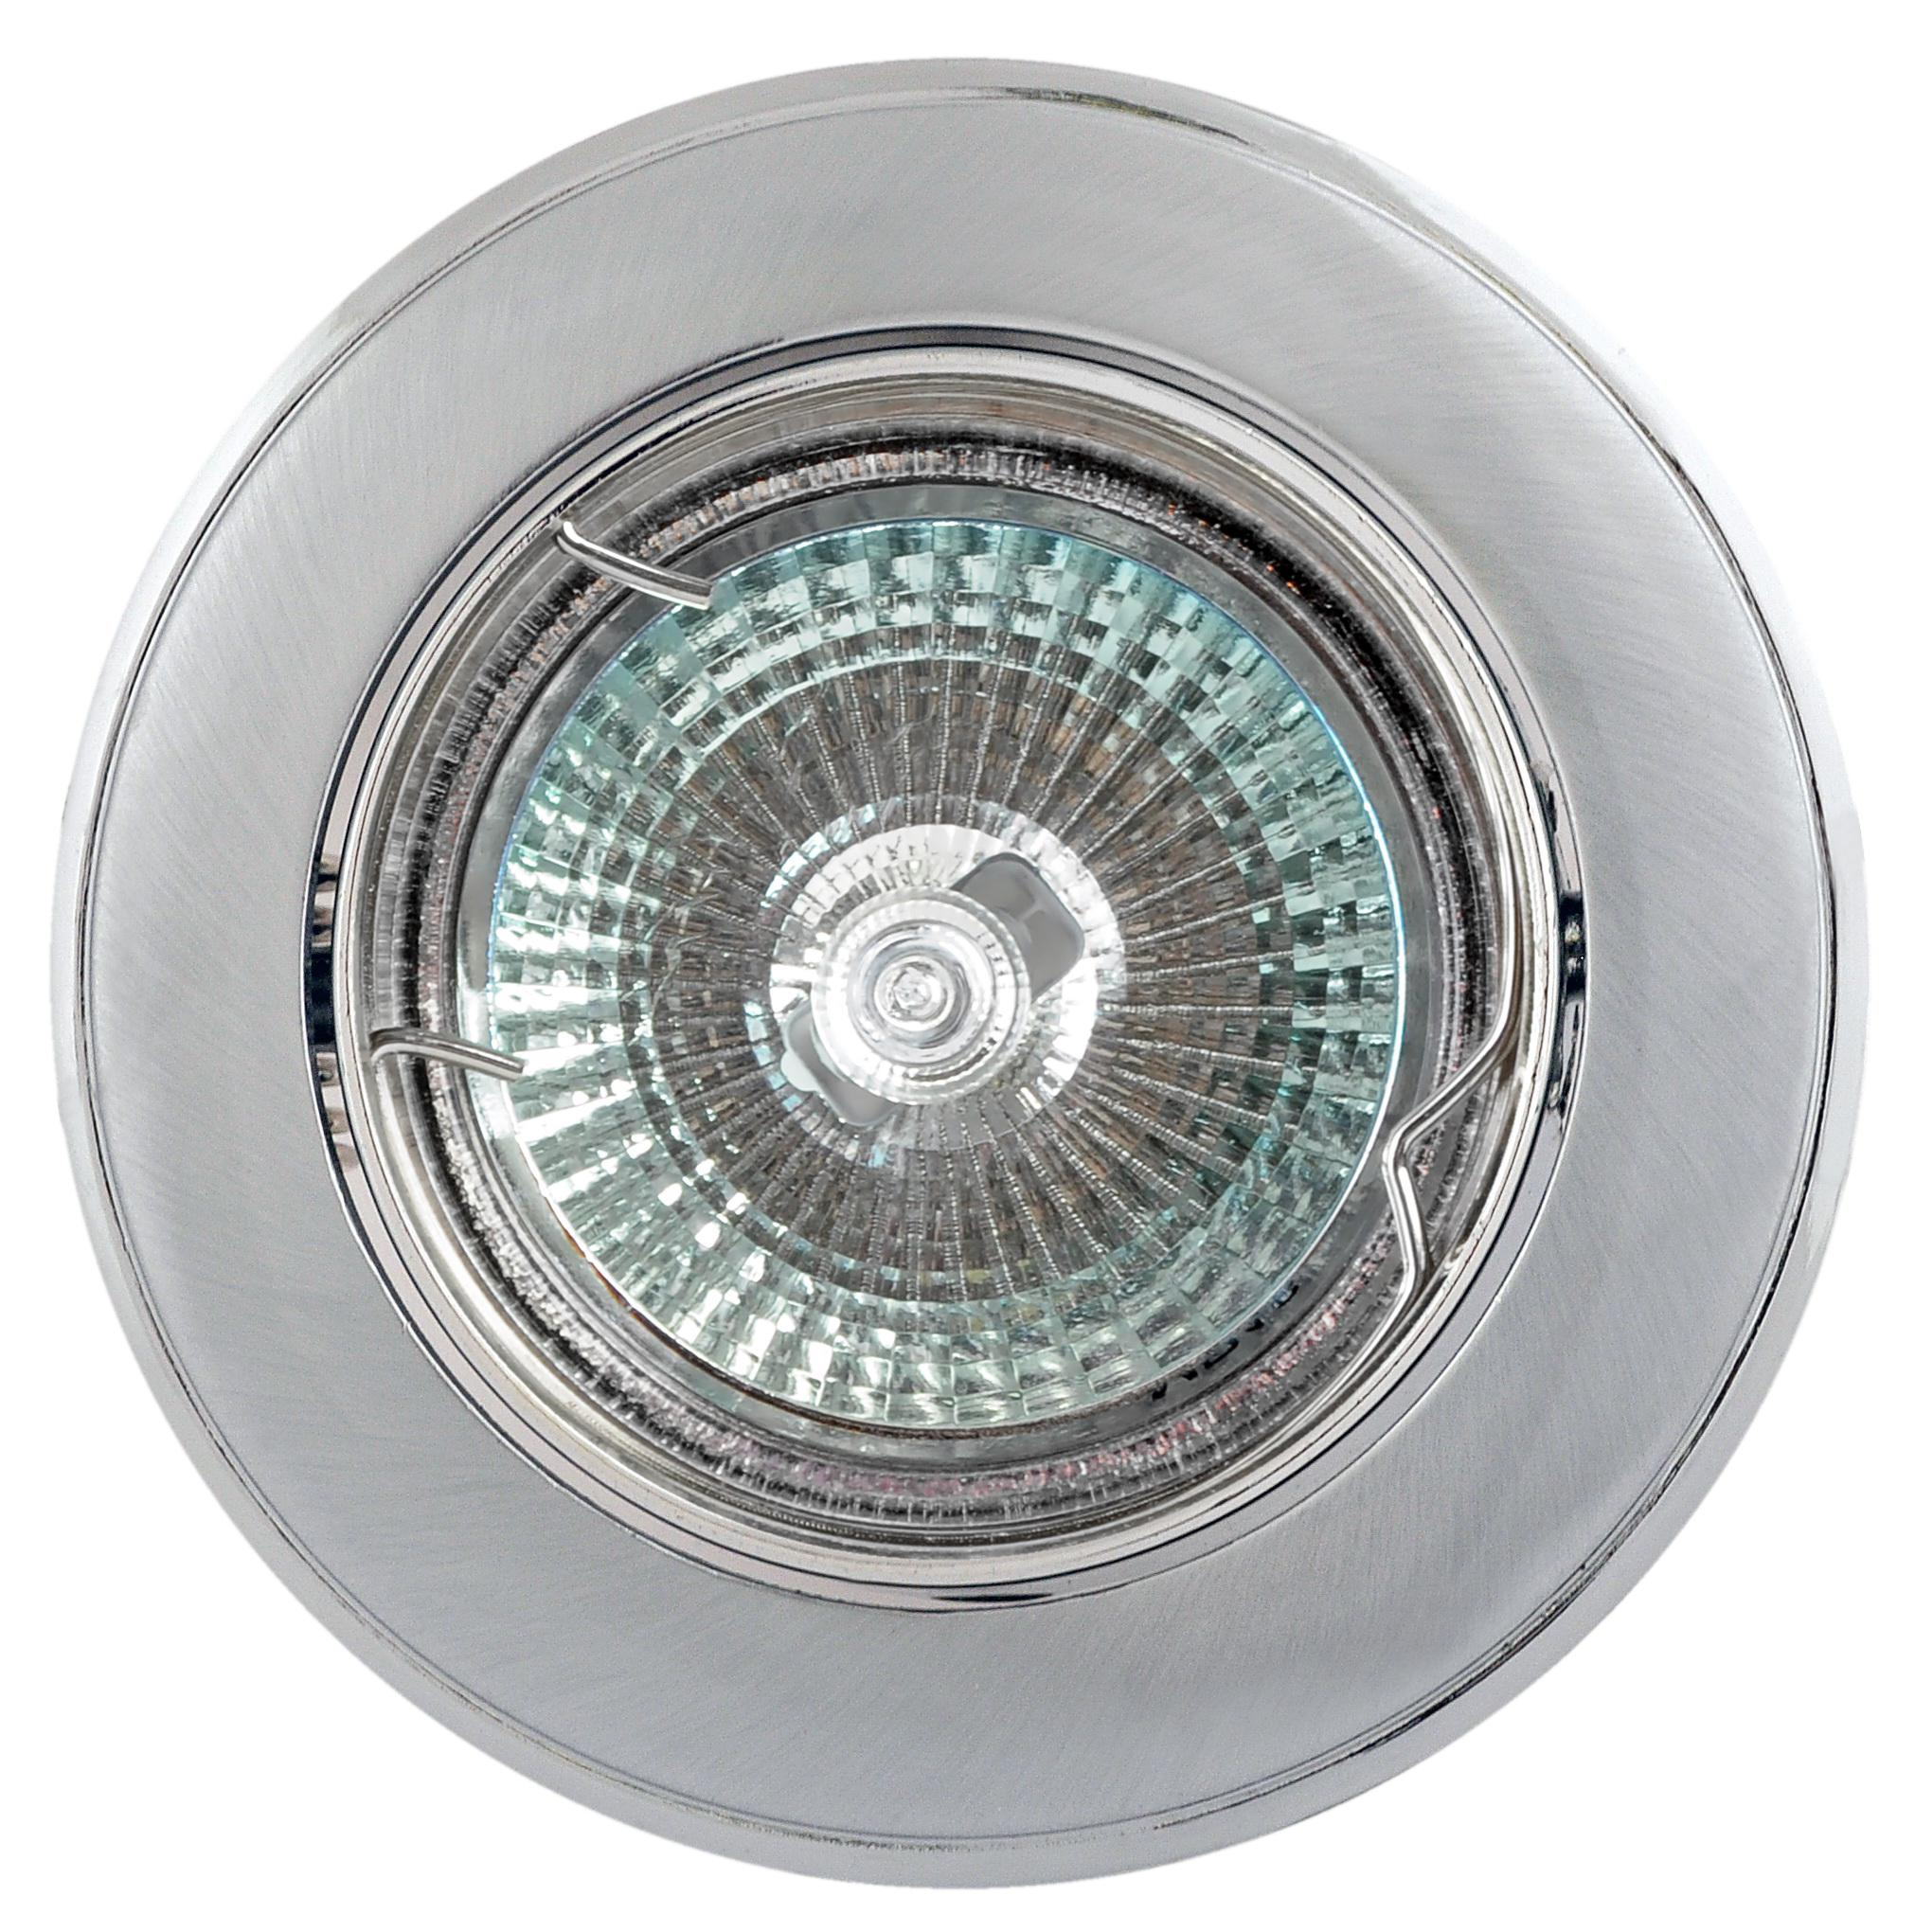 Светильник De fran Ft 128 sch светильник de fran ft 9215 sch m